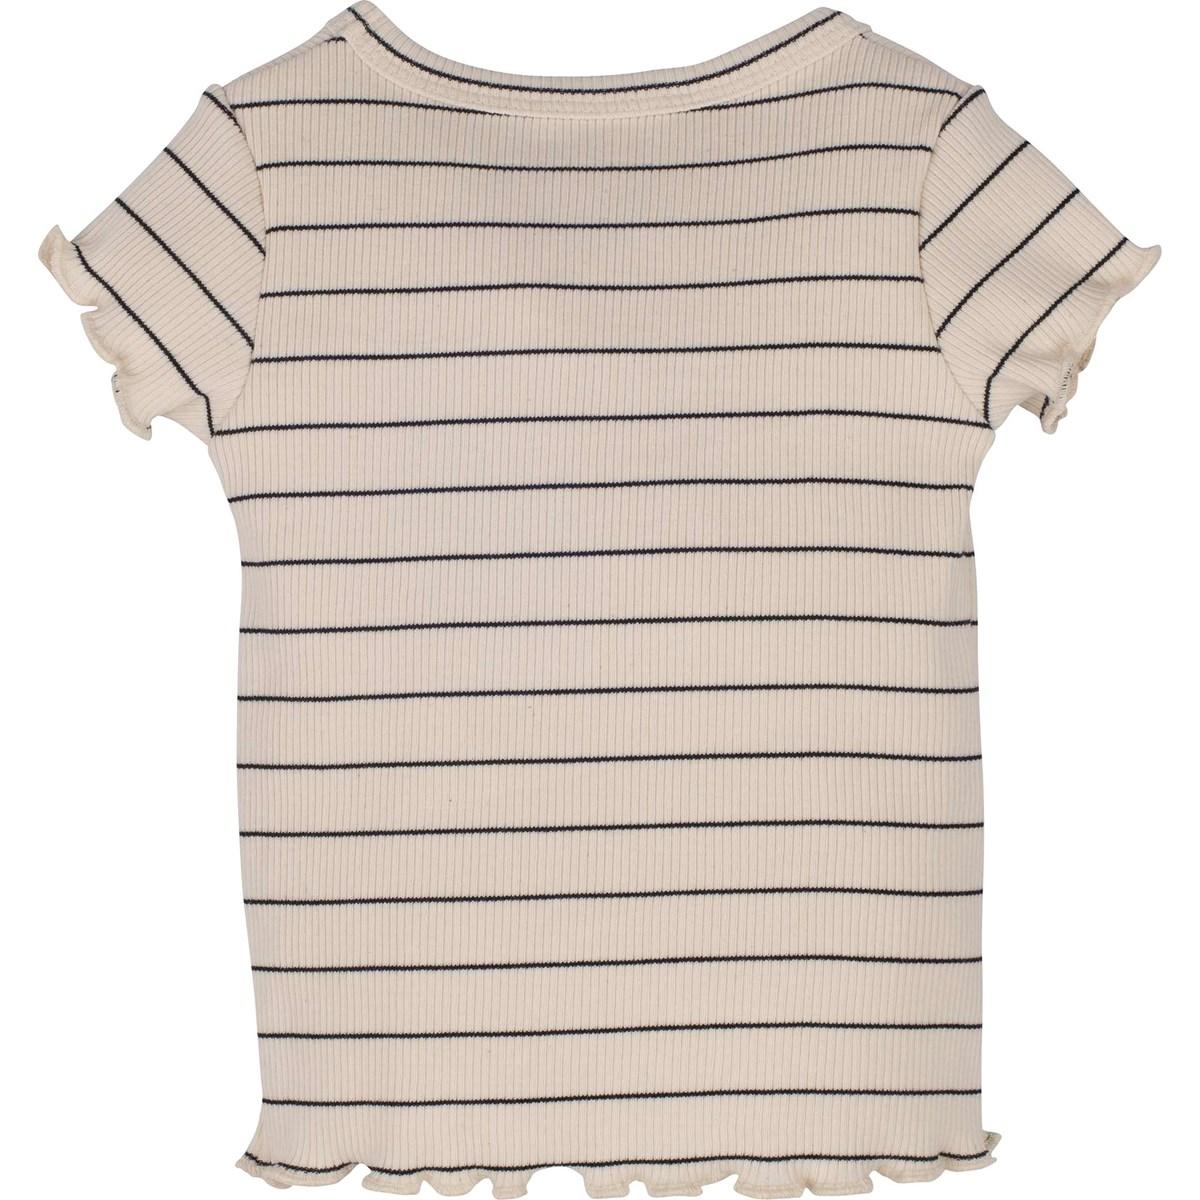 13482 T-Shirt 2